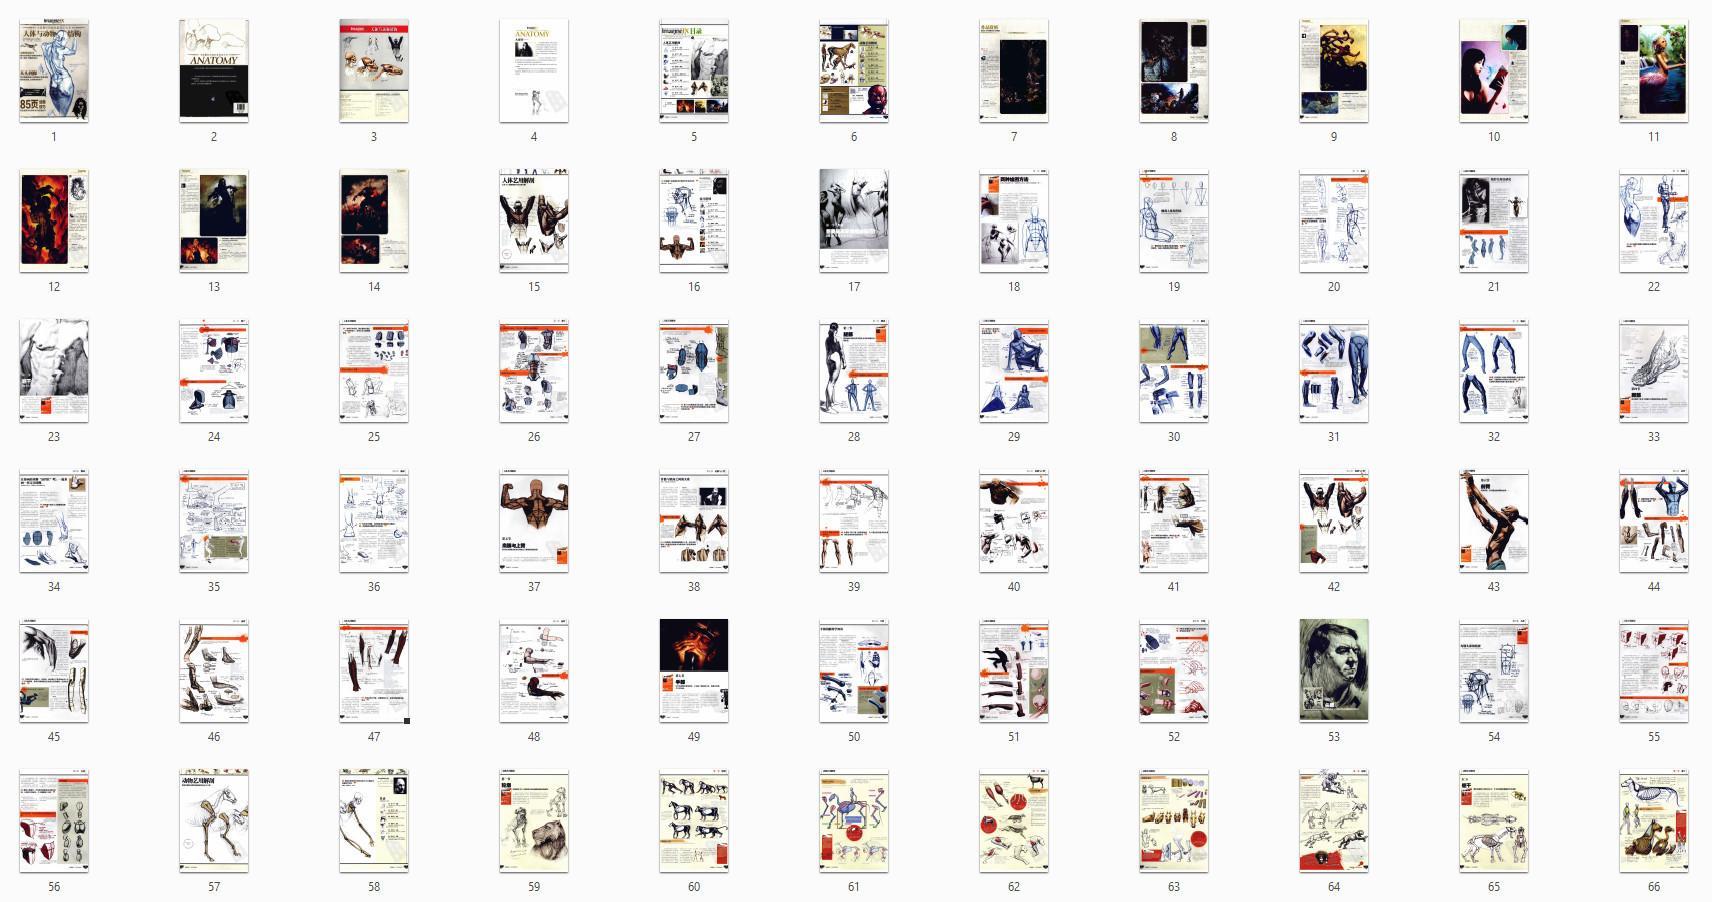 原画绘画教程-全球数位绘画名家技法丛书 人体与动物结构 PDF下载(4)